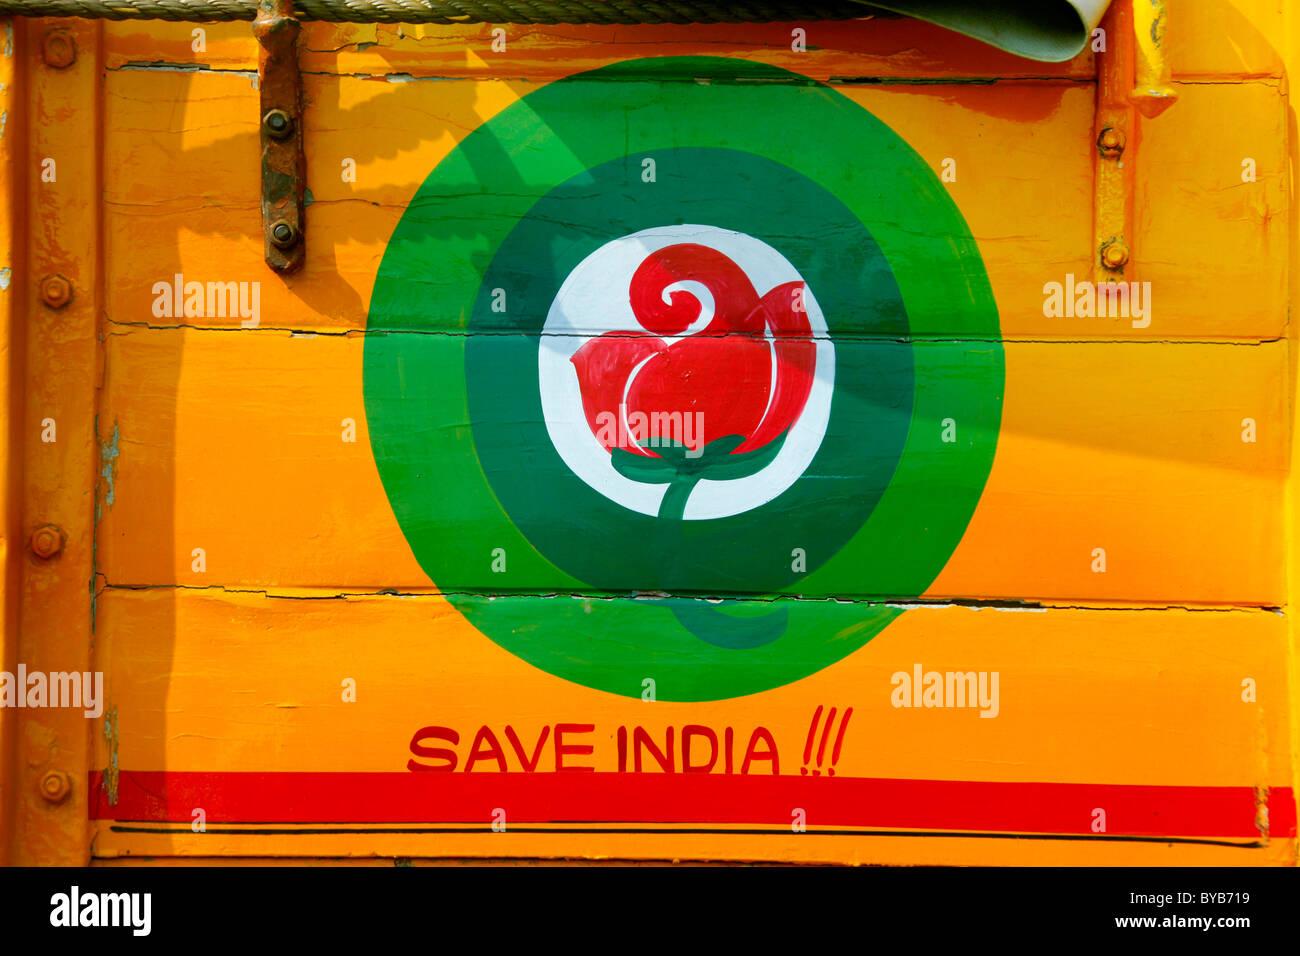 Speichern von Indien, Malerei auf einem LKW, Cochin, Kochi, Kerala, Indien, Asien Stockbild